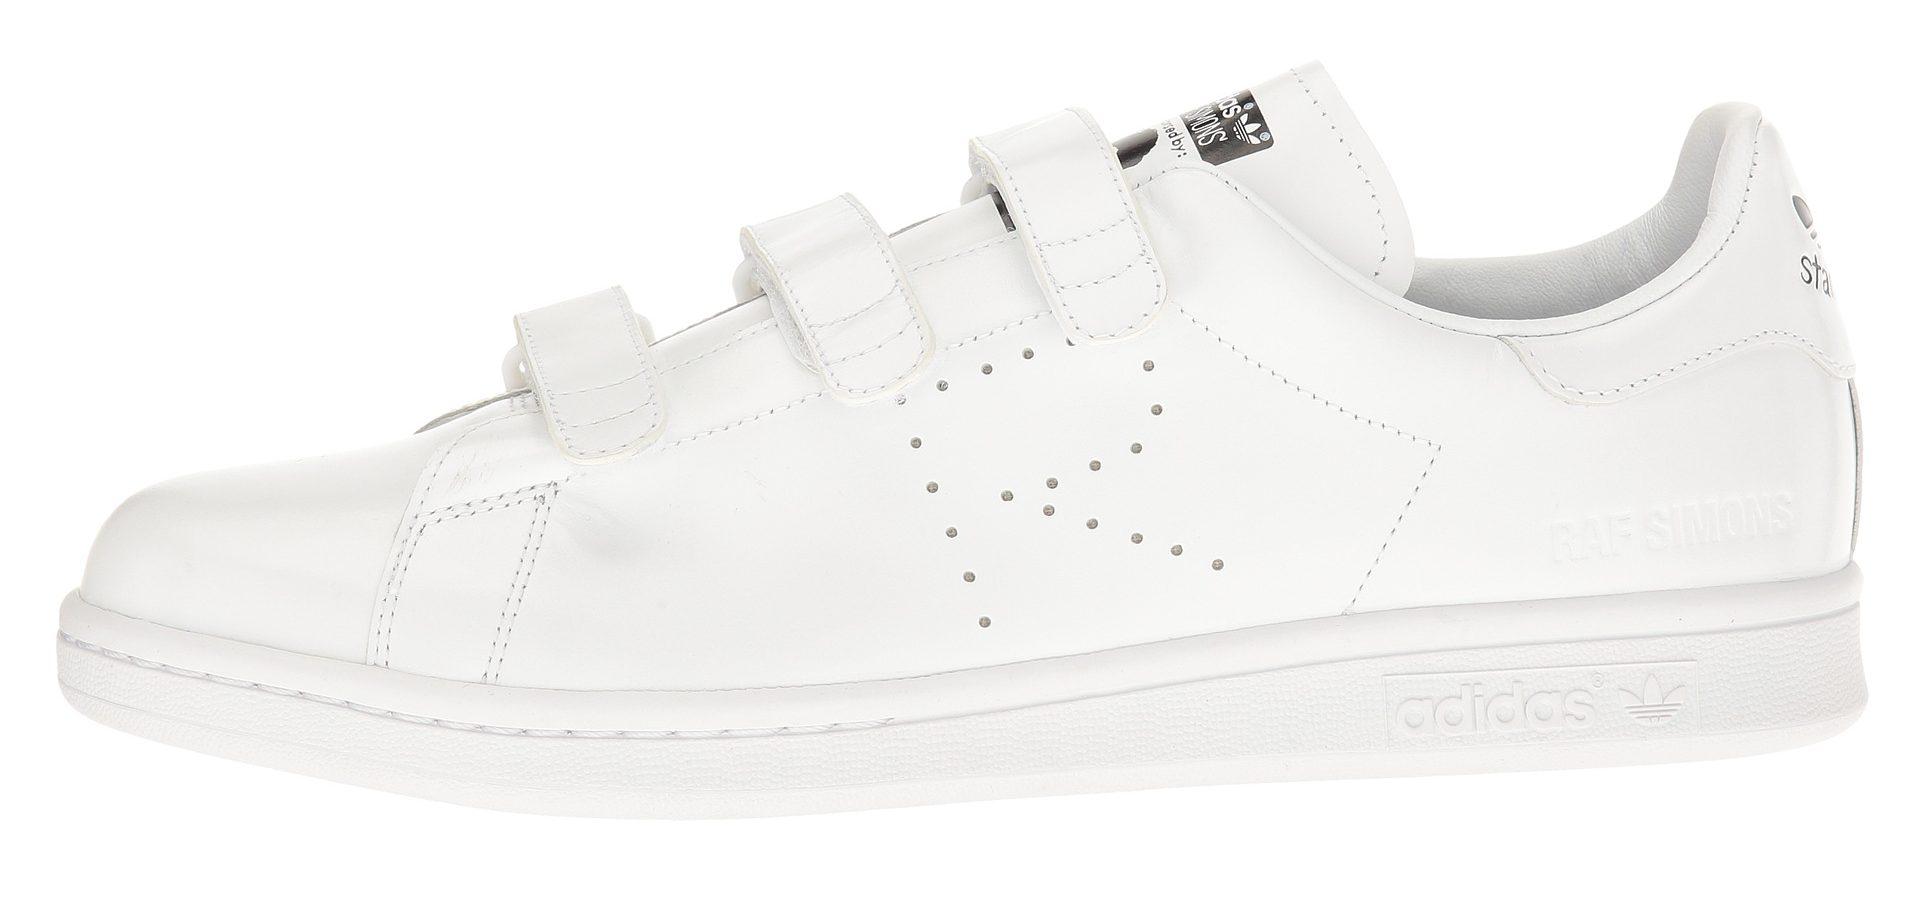 Raf Simons x Adidas Stan Smith Velcro